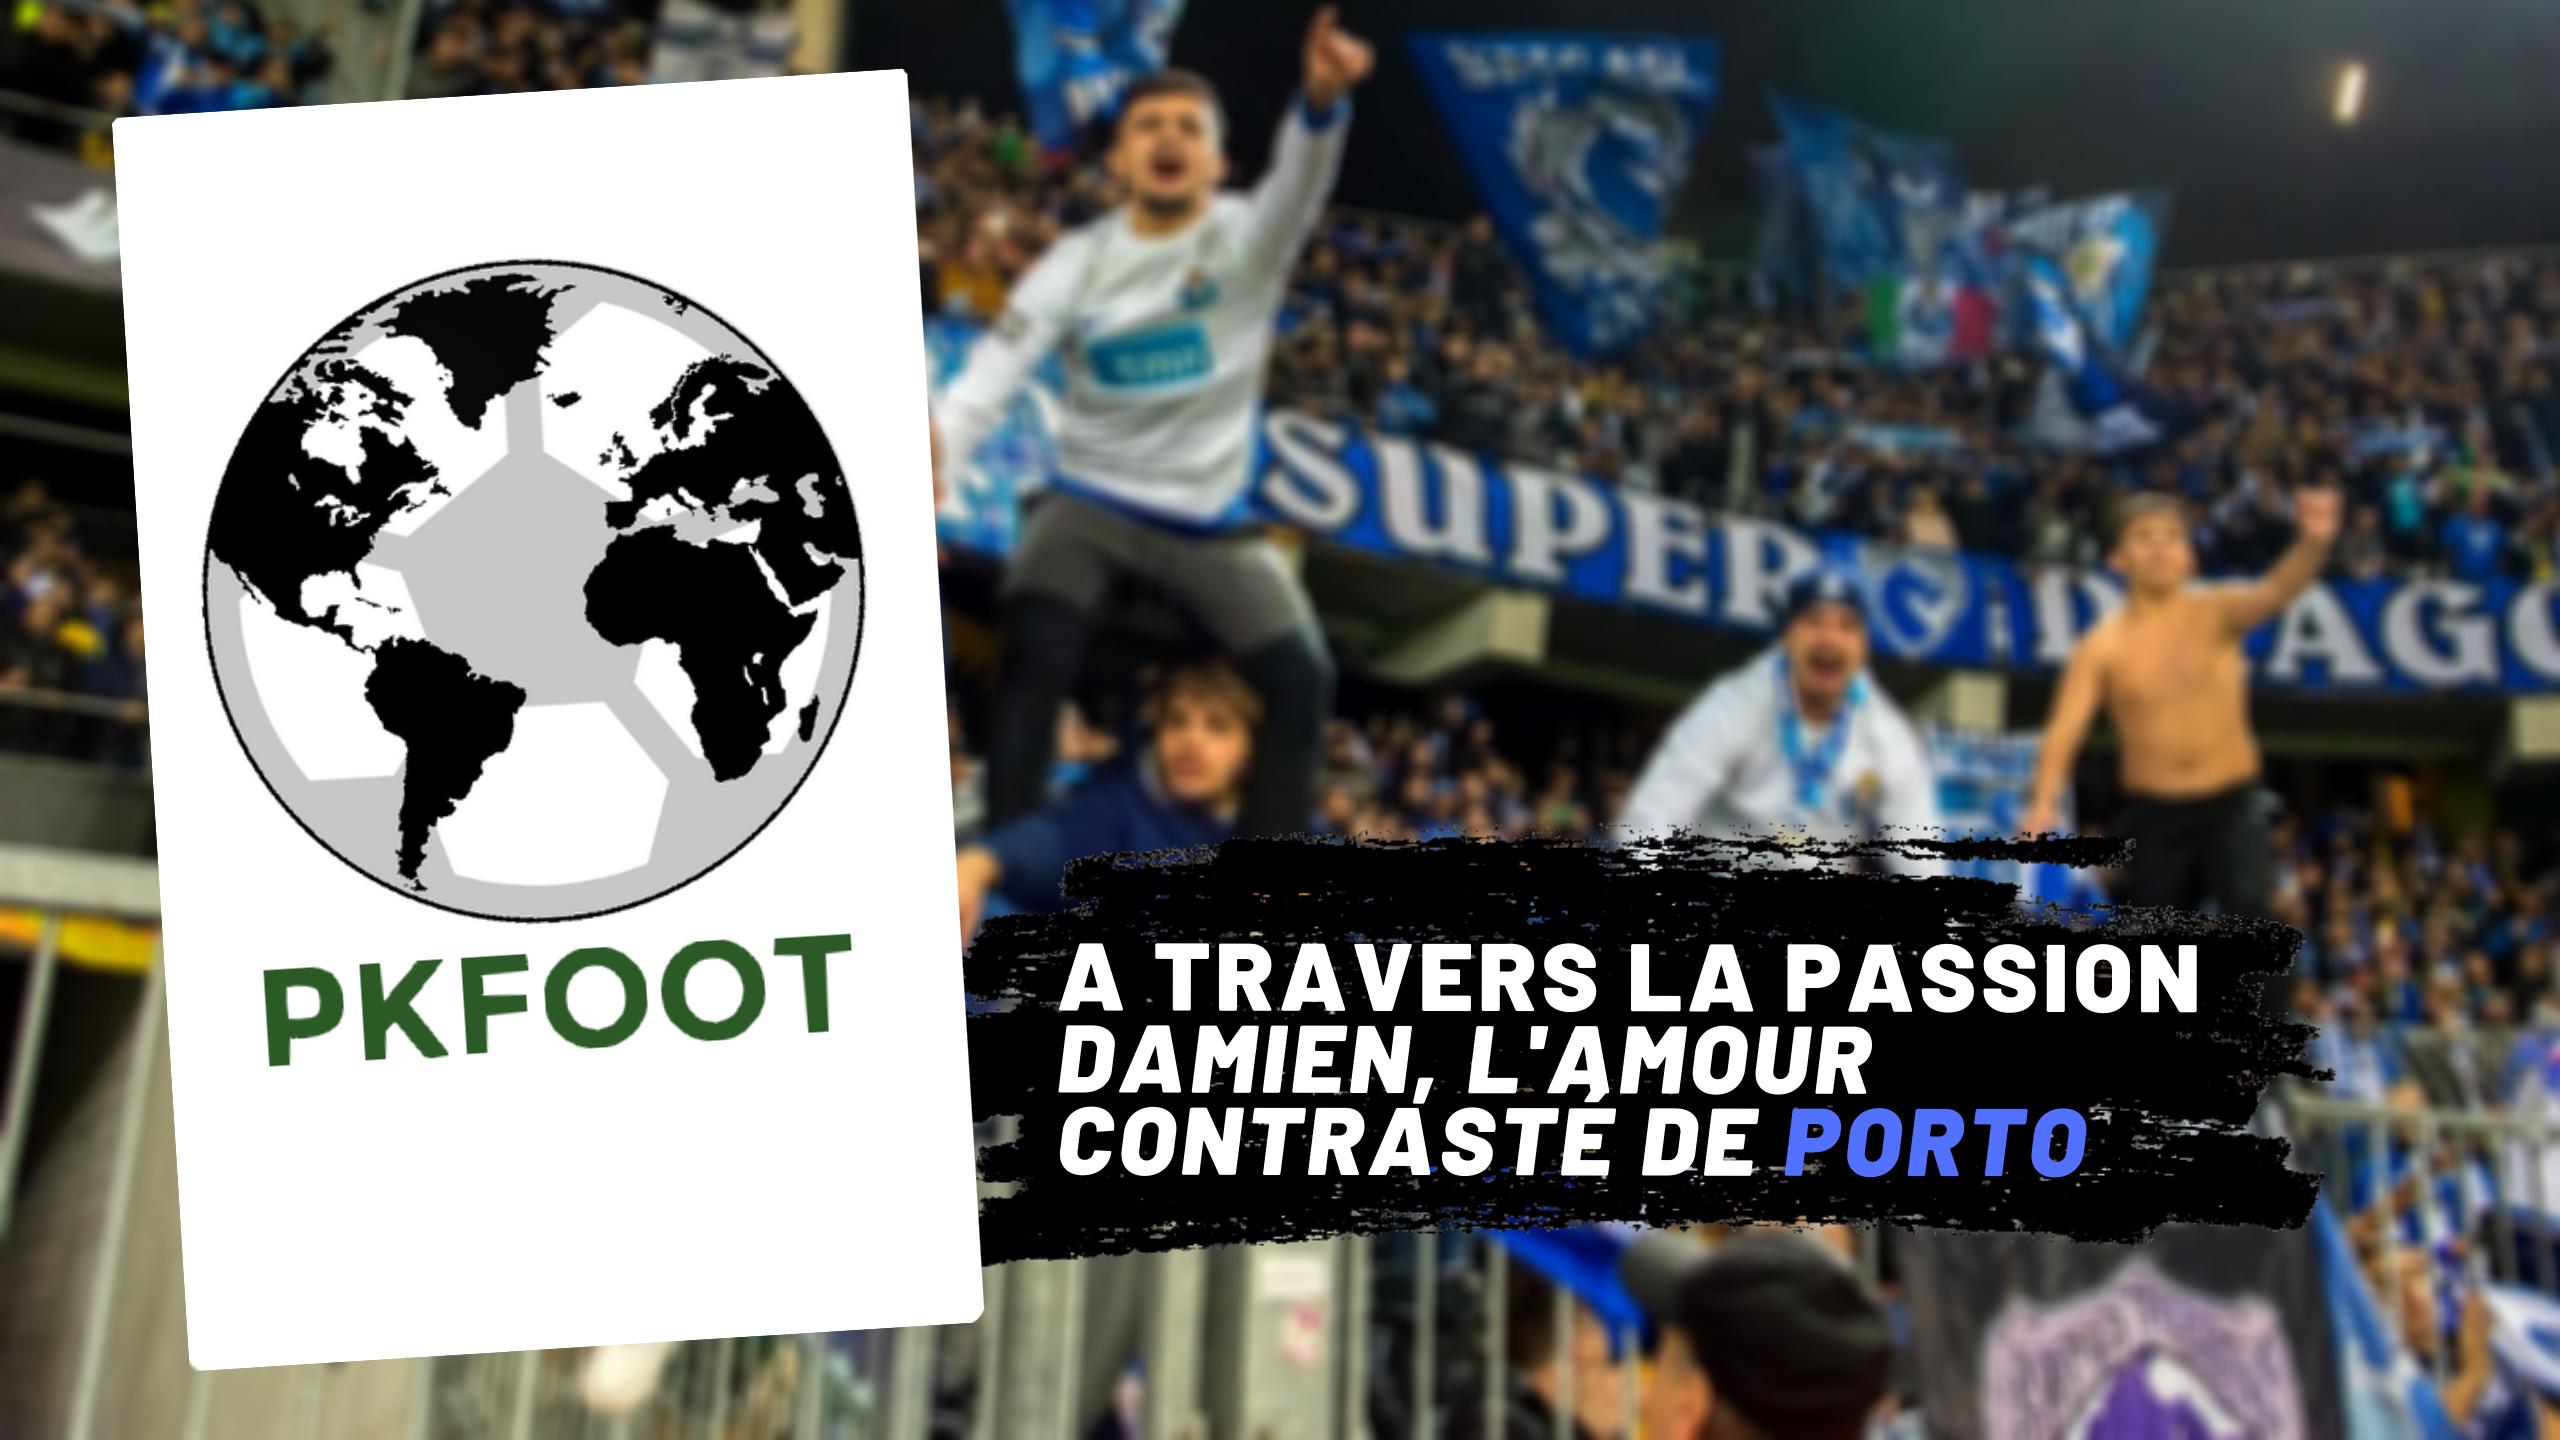 À travers la passion E02 : Damien, l'amour contrasté de Porto